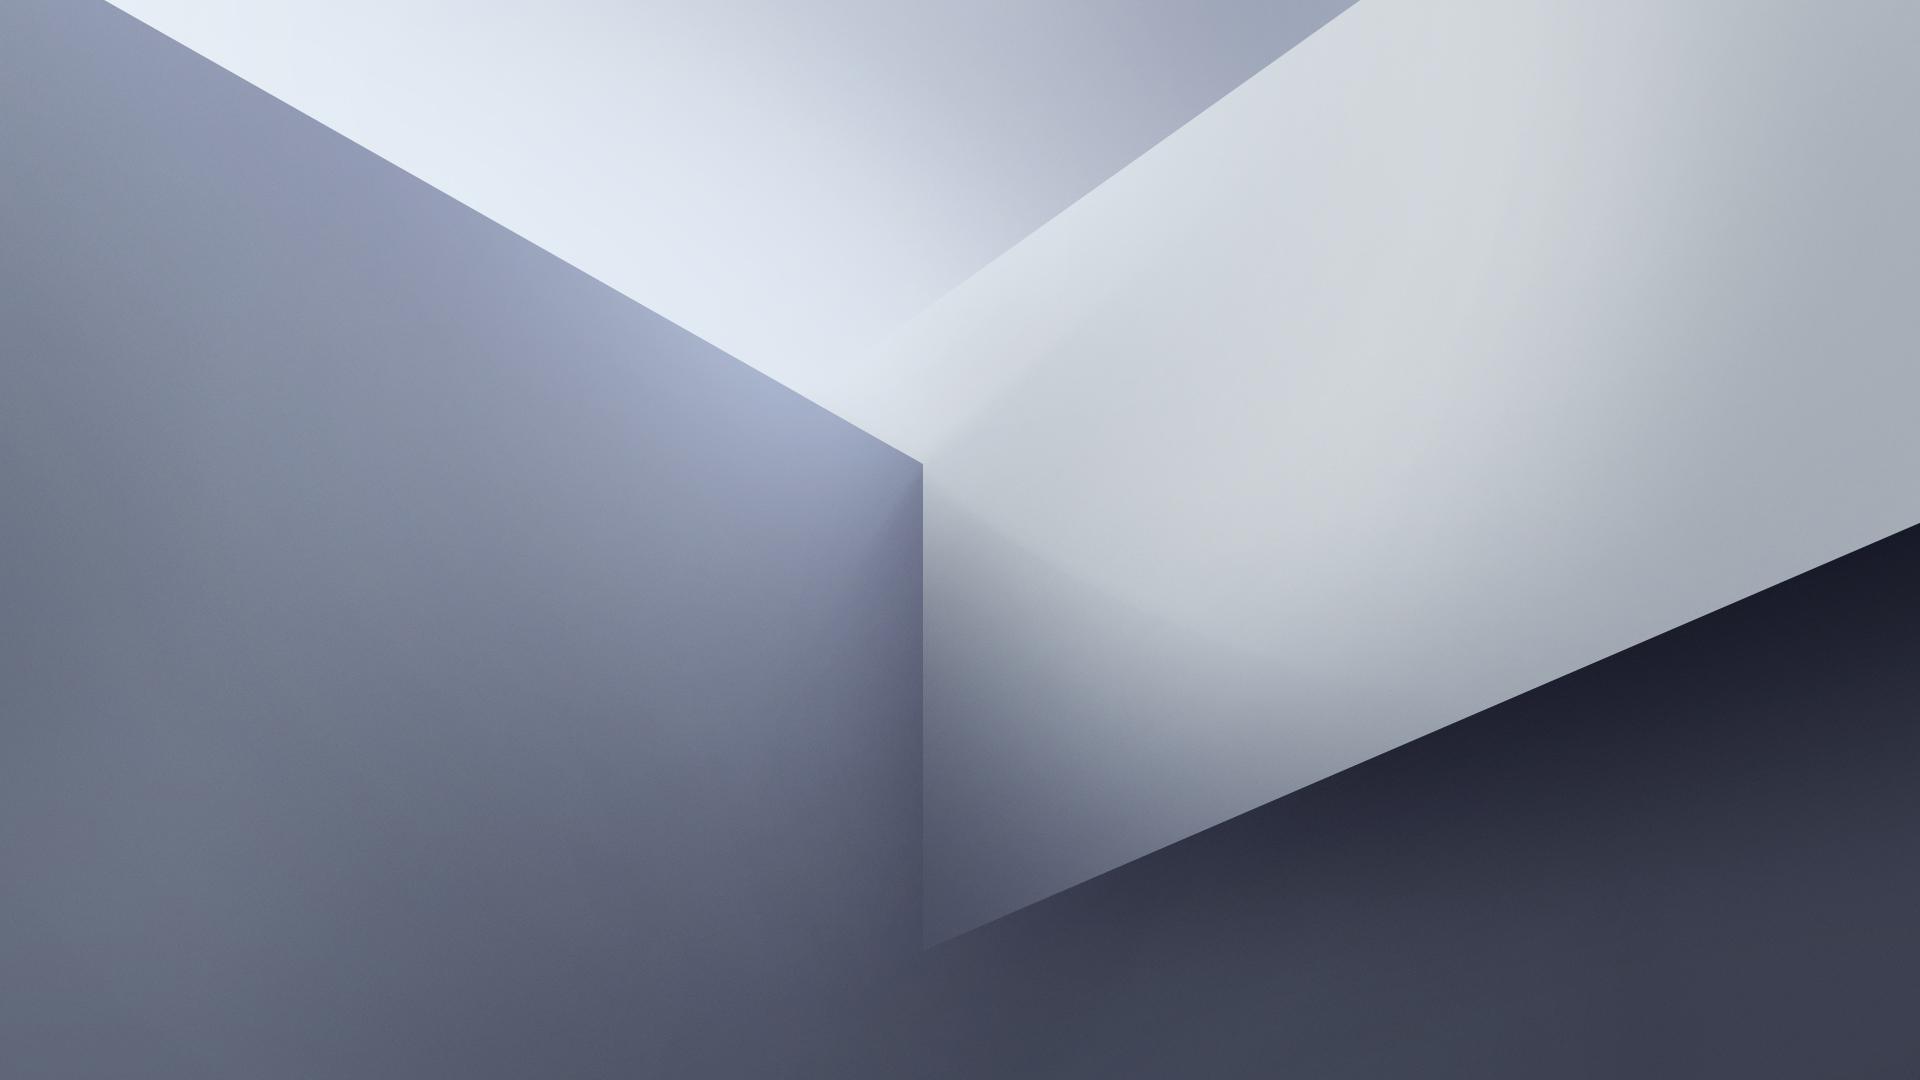 Design Material Miui Material Design Wallpaper Hd